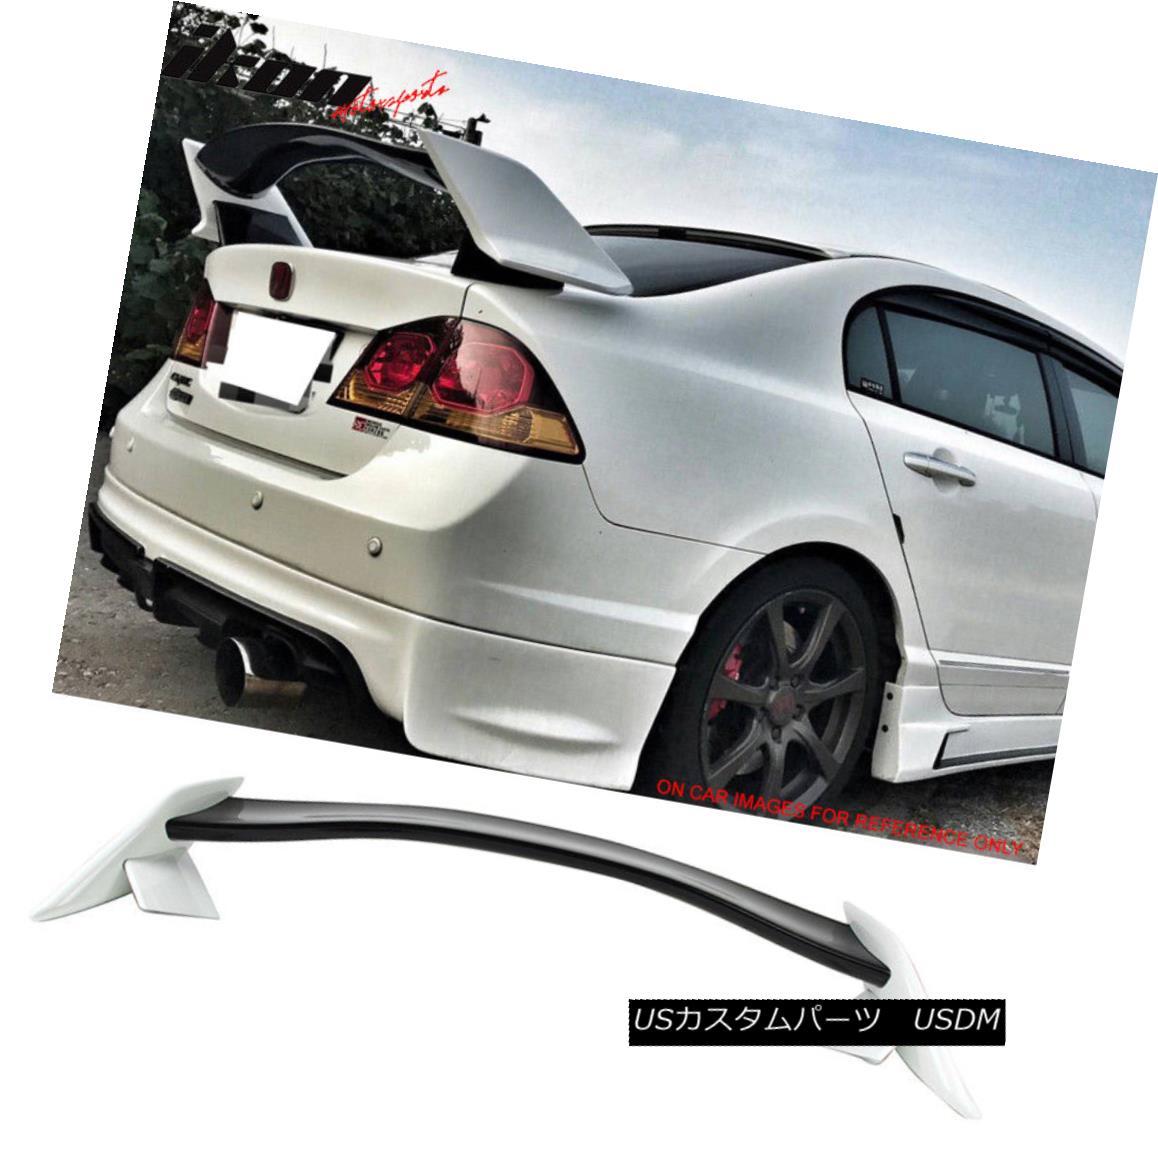 エアロパーツ Fits 06-11 Civic FA FD Type R Trunk Spoiler Painted Glossy Black & Taffeta White フィット06-11シビックFA FDタイプRトランクスポイラー塗装光沢ブラック& タフタホワイト